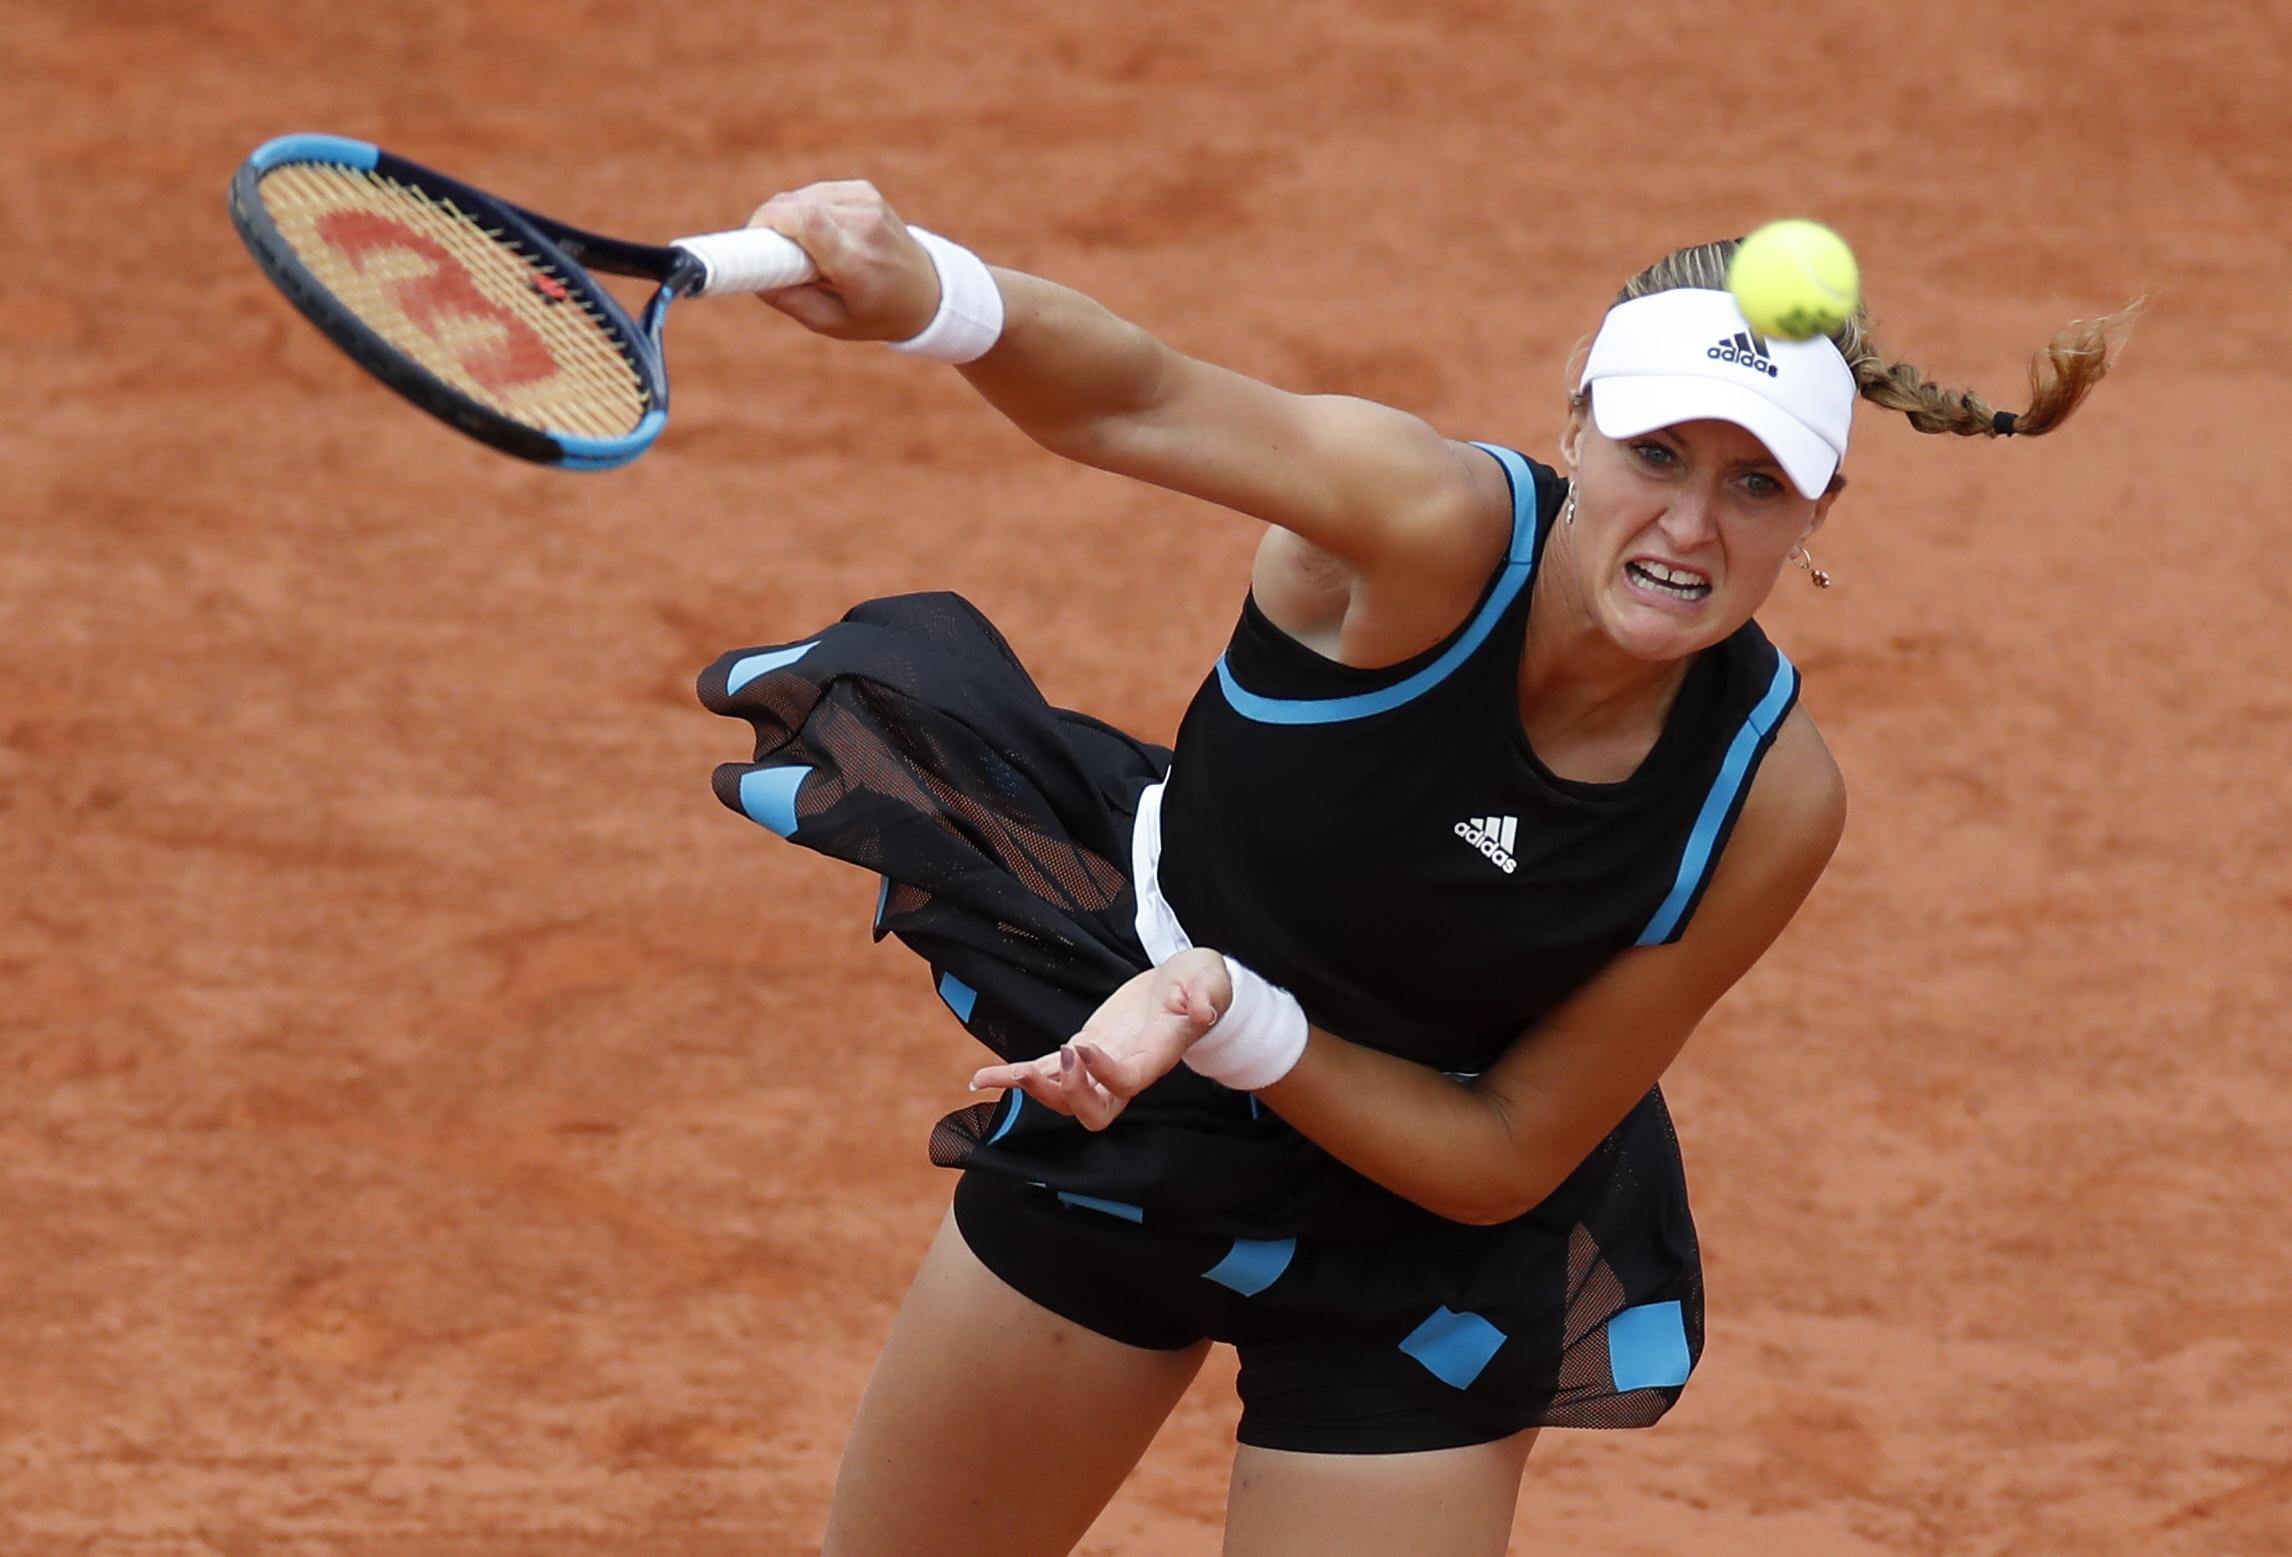 Kristina Mladenović